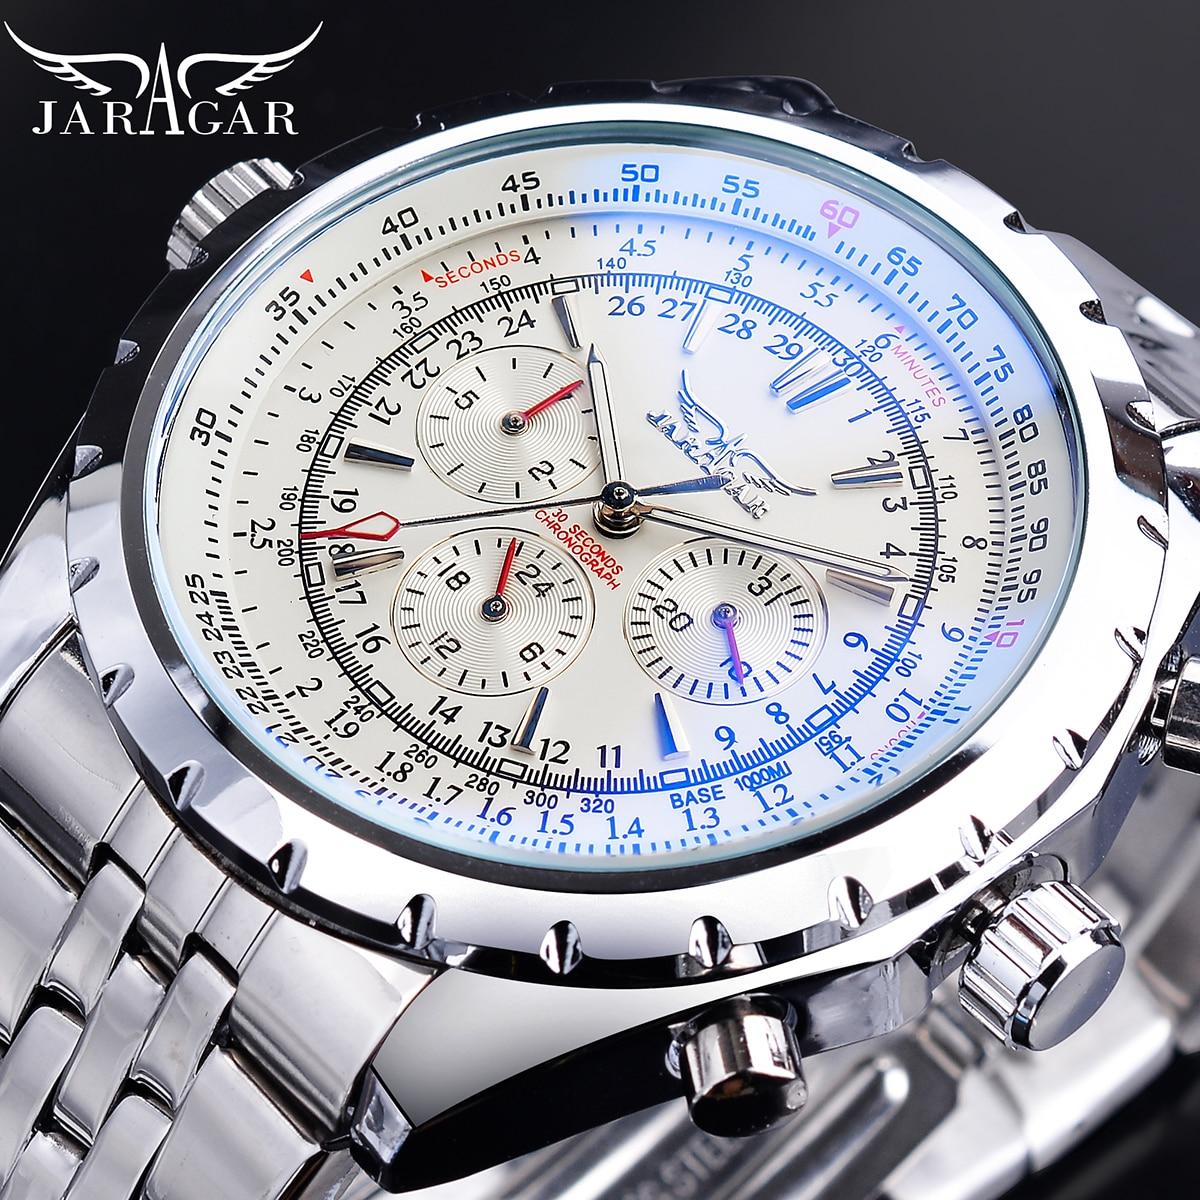 Jaragar-ساعة ميكانيكية أوتوماتيكية من الفولاذ المقاوم للصدأ ، تصميم زجاجي أزرق فاتح ، ساعة رياضية للأعمال